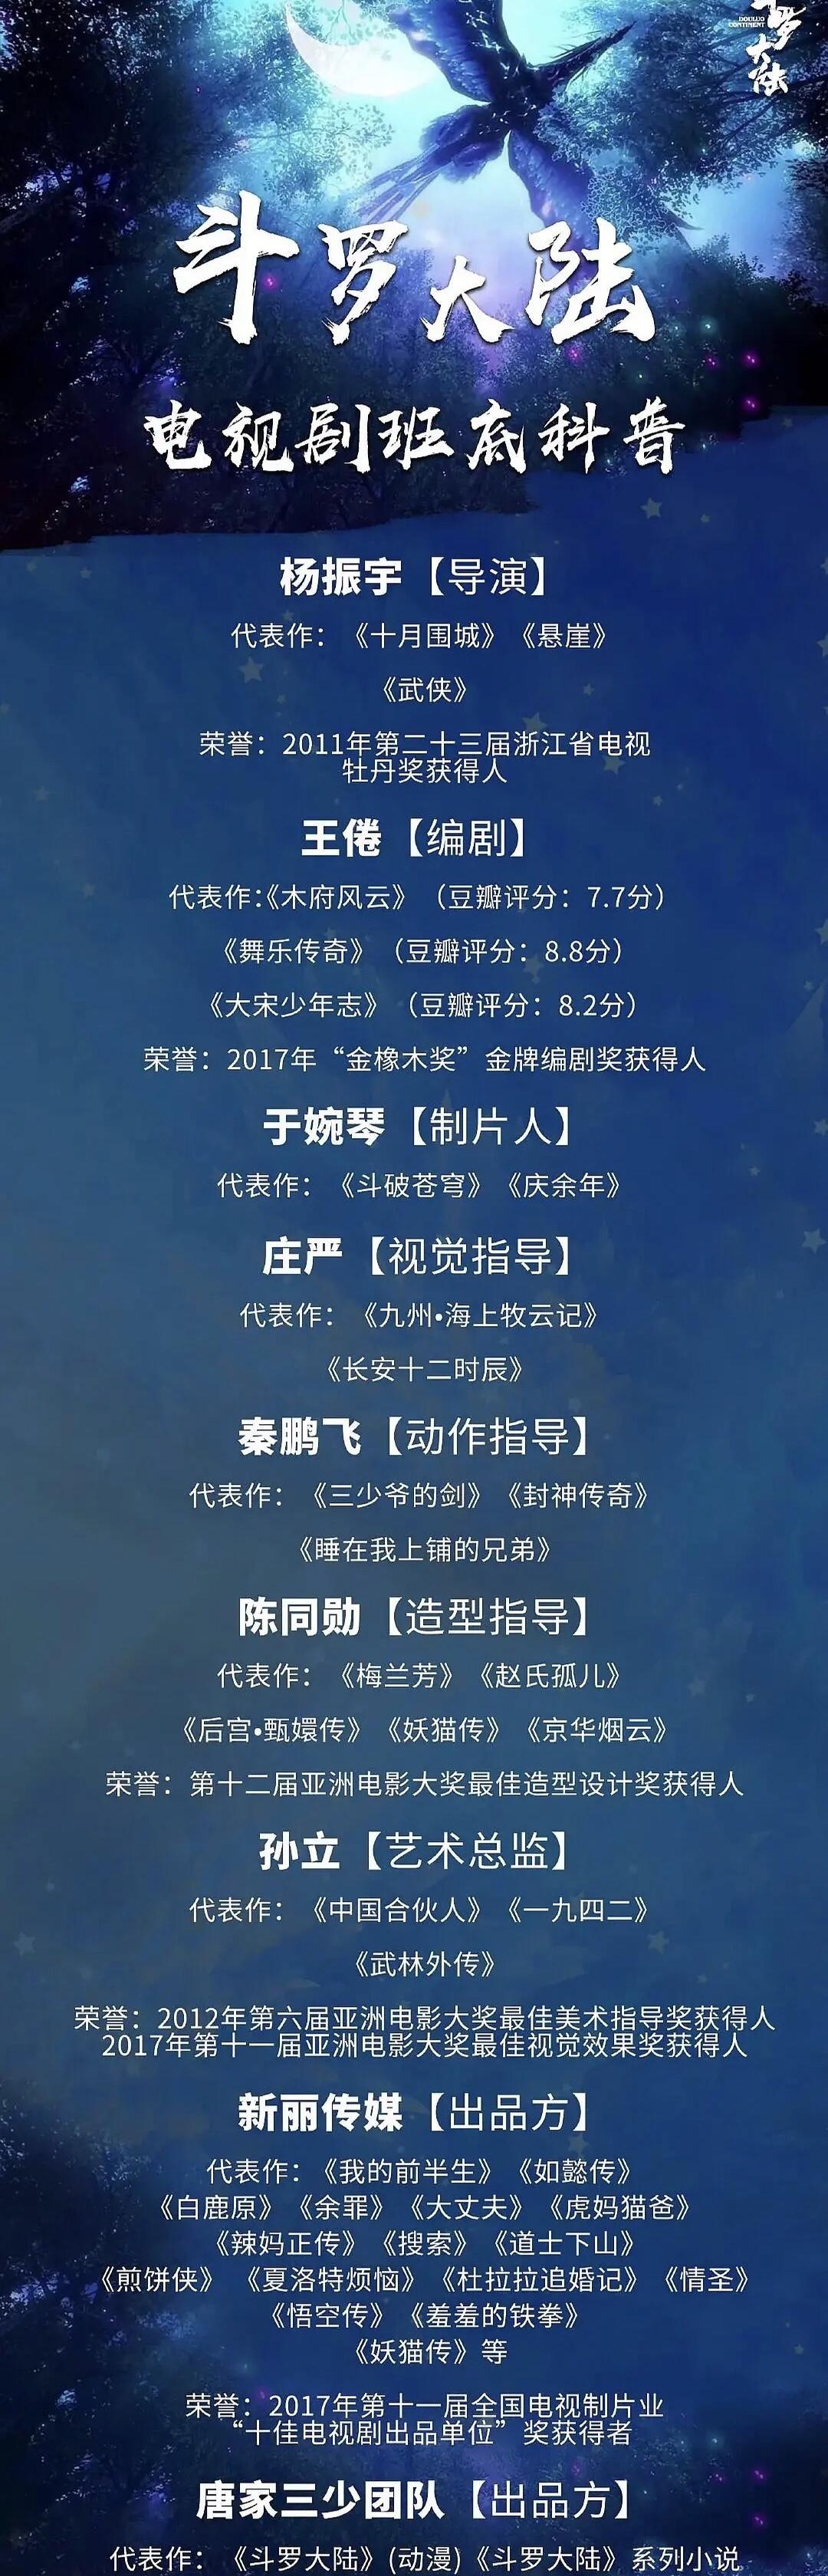 《斗罗大陆》制作团队实力雄厚,爱豆能hold住这部剧吗?